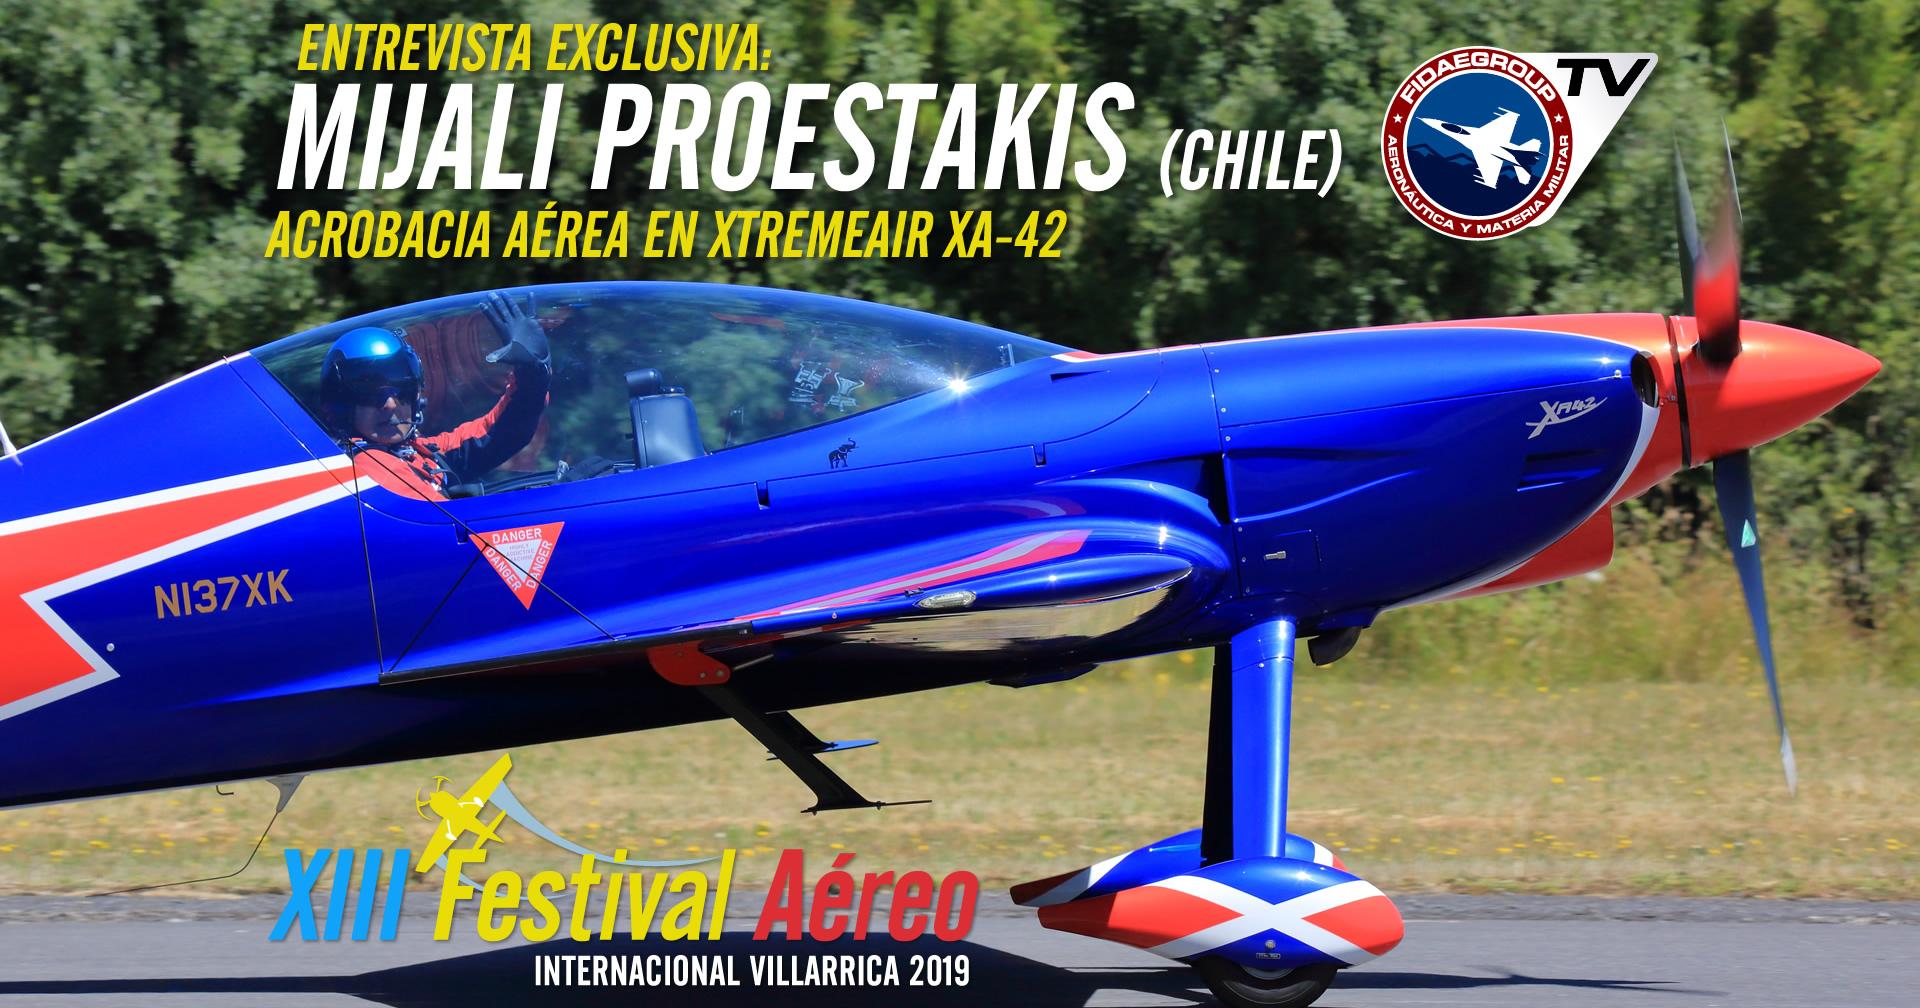 Mijali Proestakis y su XtremeAir XA-42 en Villarrica 2019